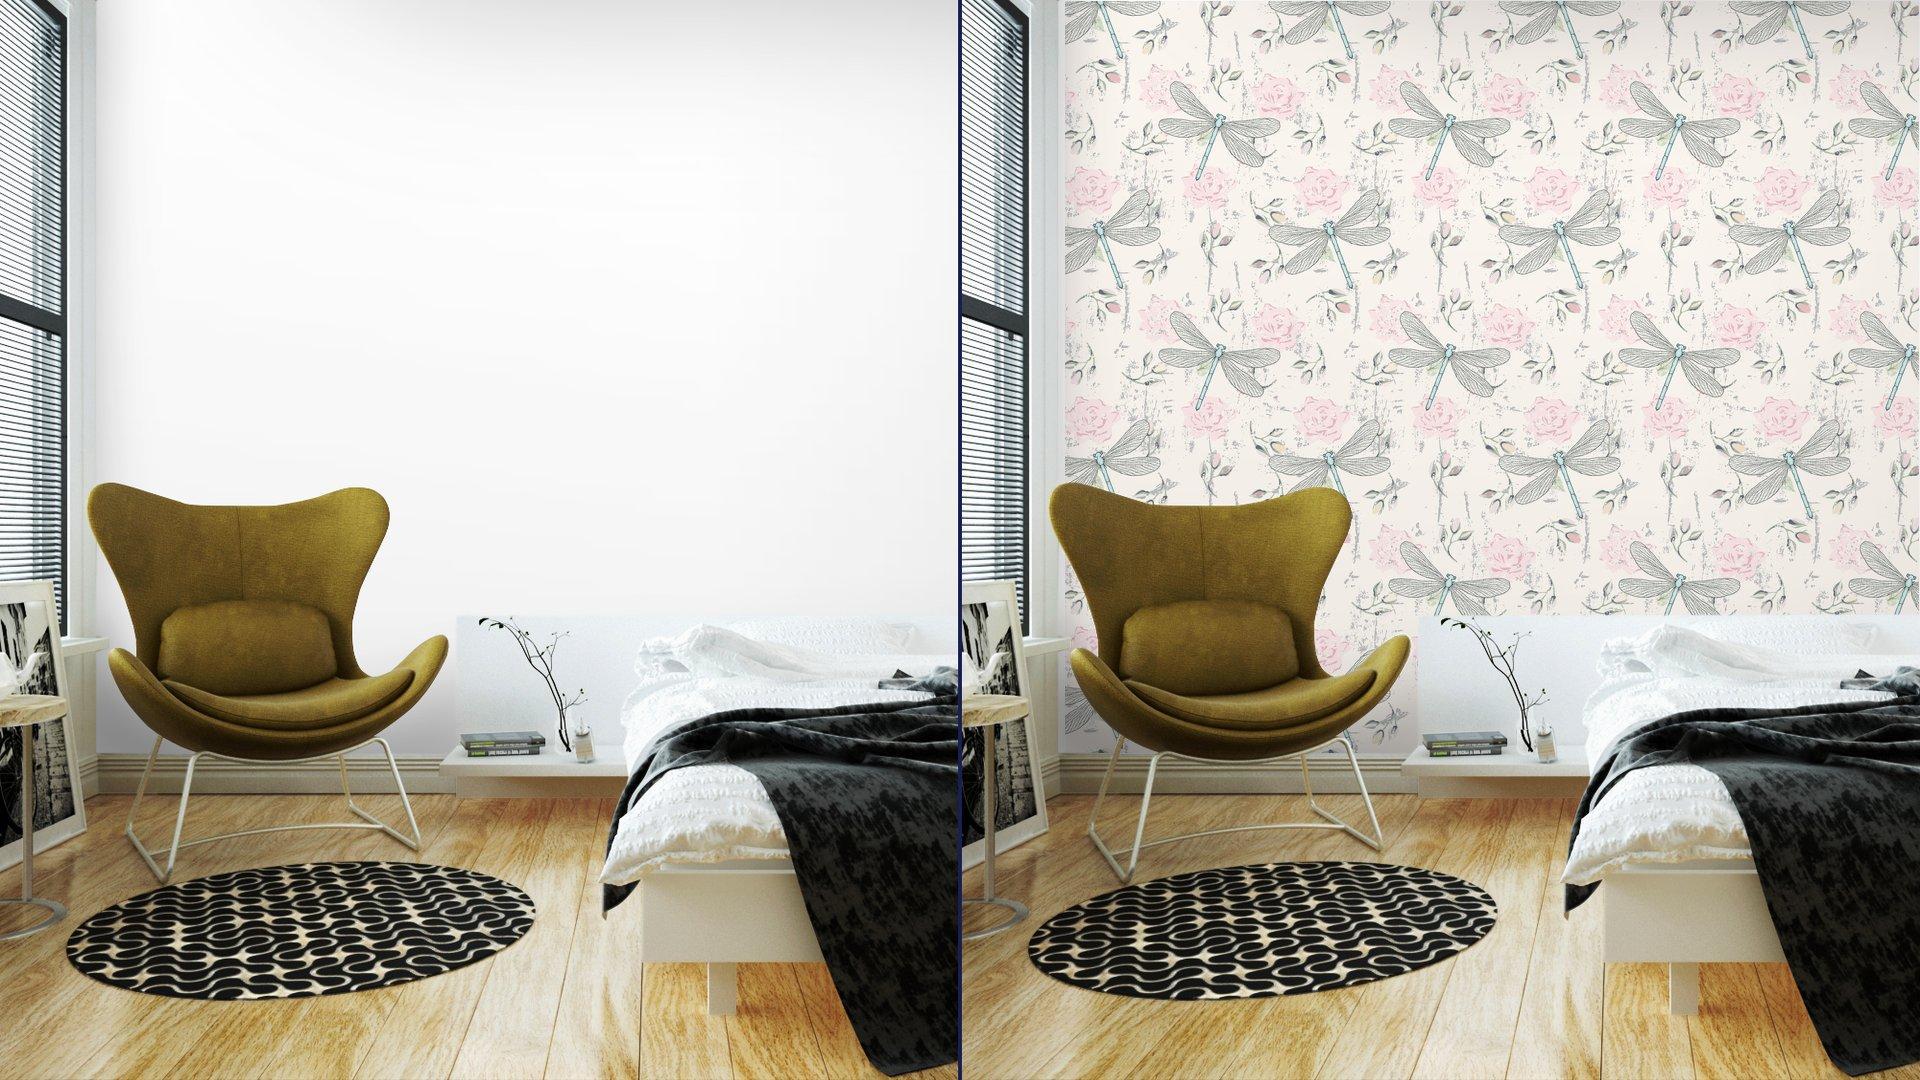 Fotomurales mexico papeles pintados lavables ronoso sin fisuras patron floral con las libelulas 2 - PapelTapiz Patrón Floral Con Libélulas 01